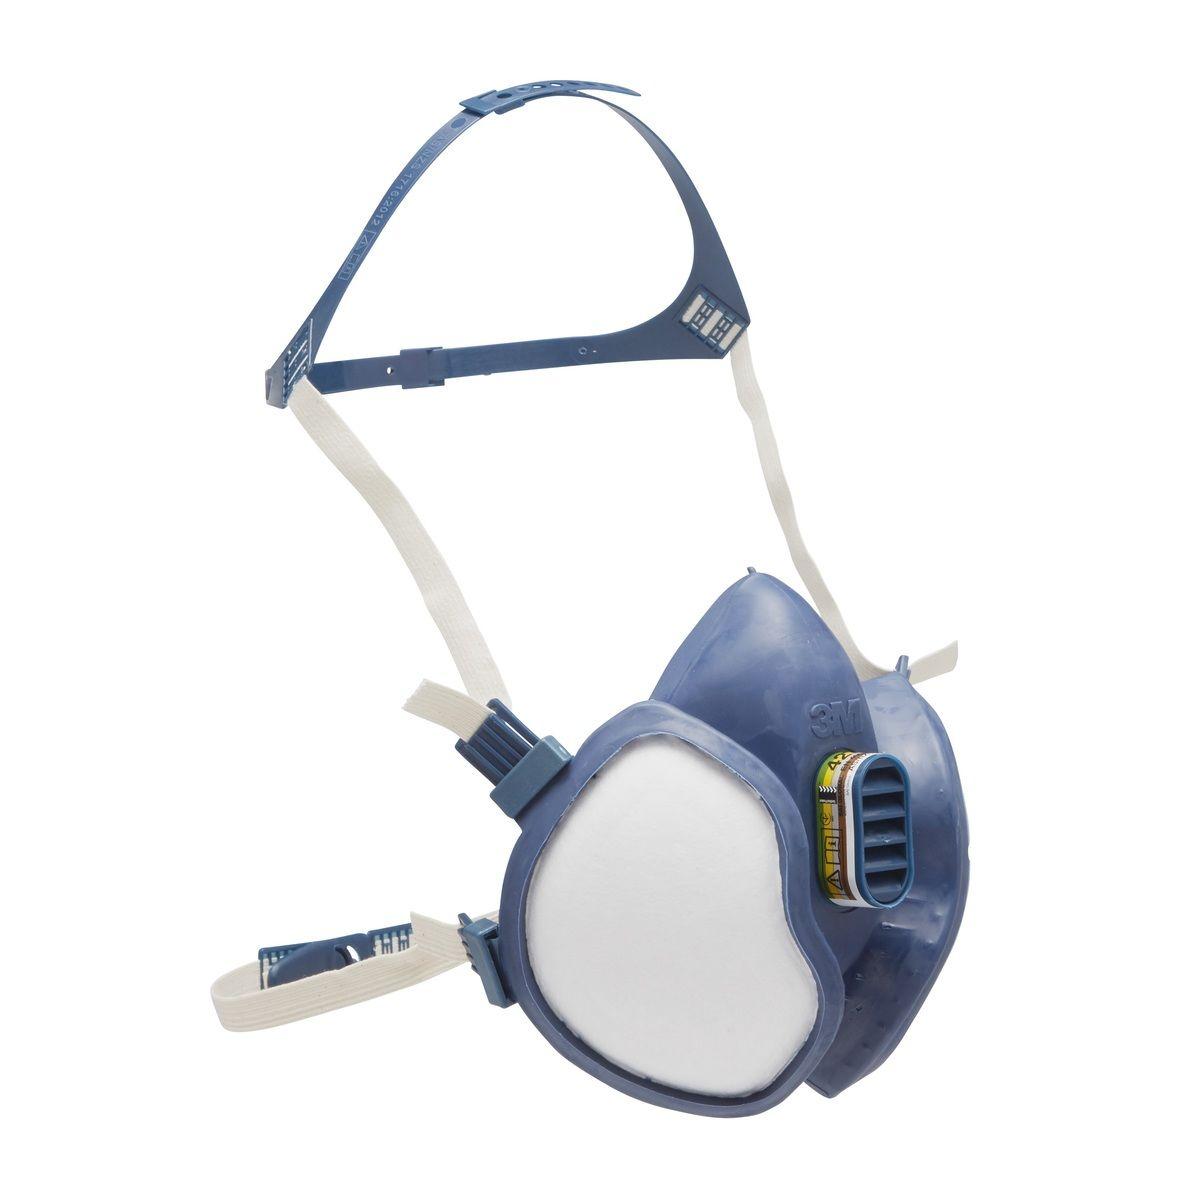 3m maske gegen chemische stoffe 4279c1